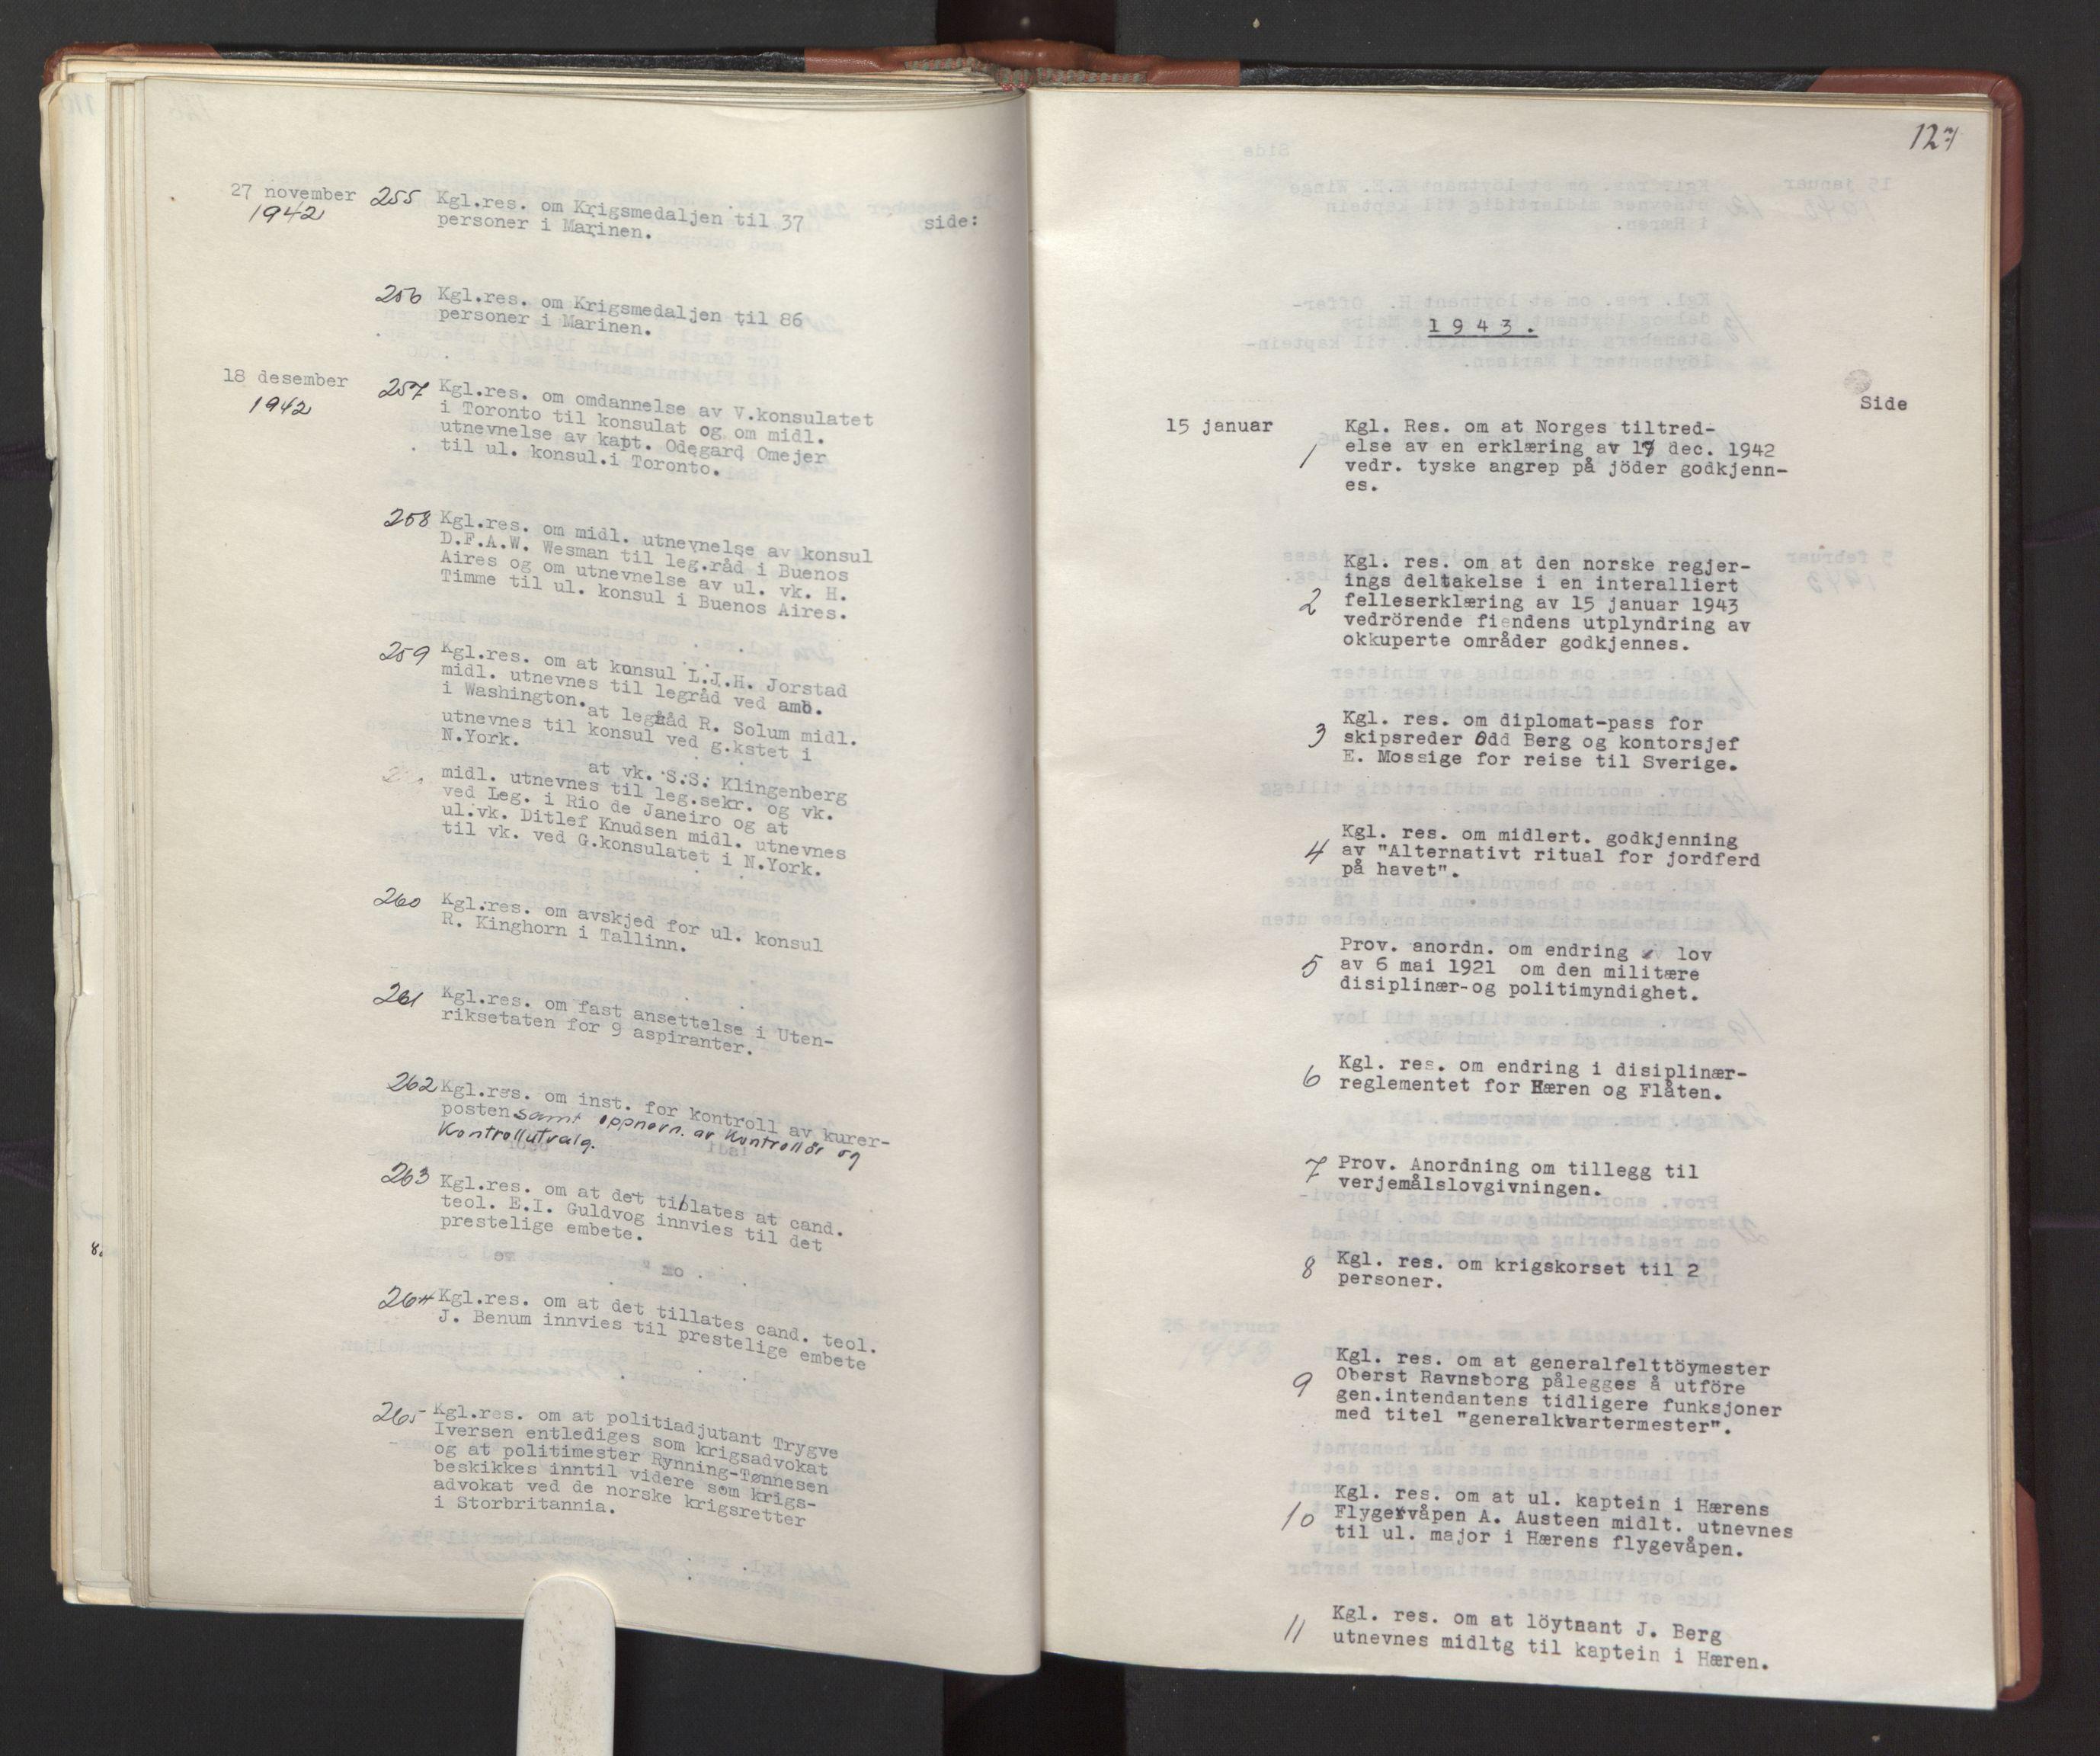 RA, Statsrådssekretariatet, A/Ac/L0127: Register 9/4-25/5, 1940-1945, s. 127